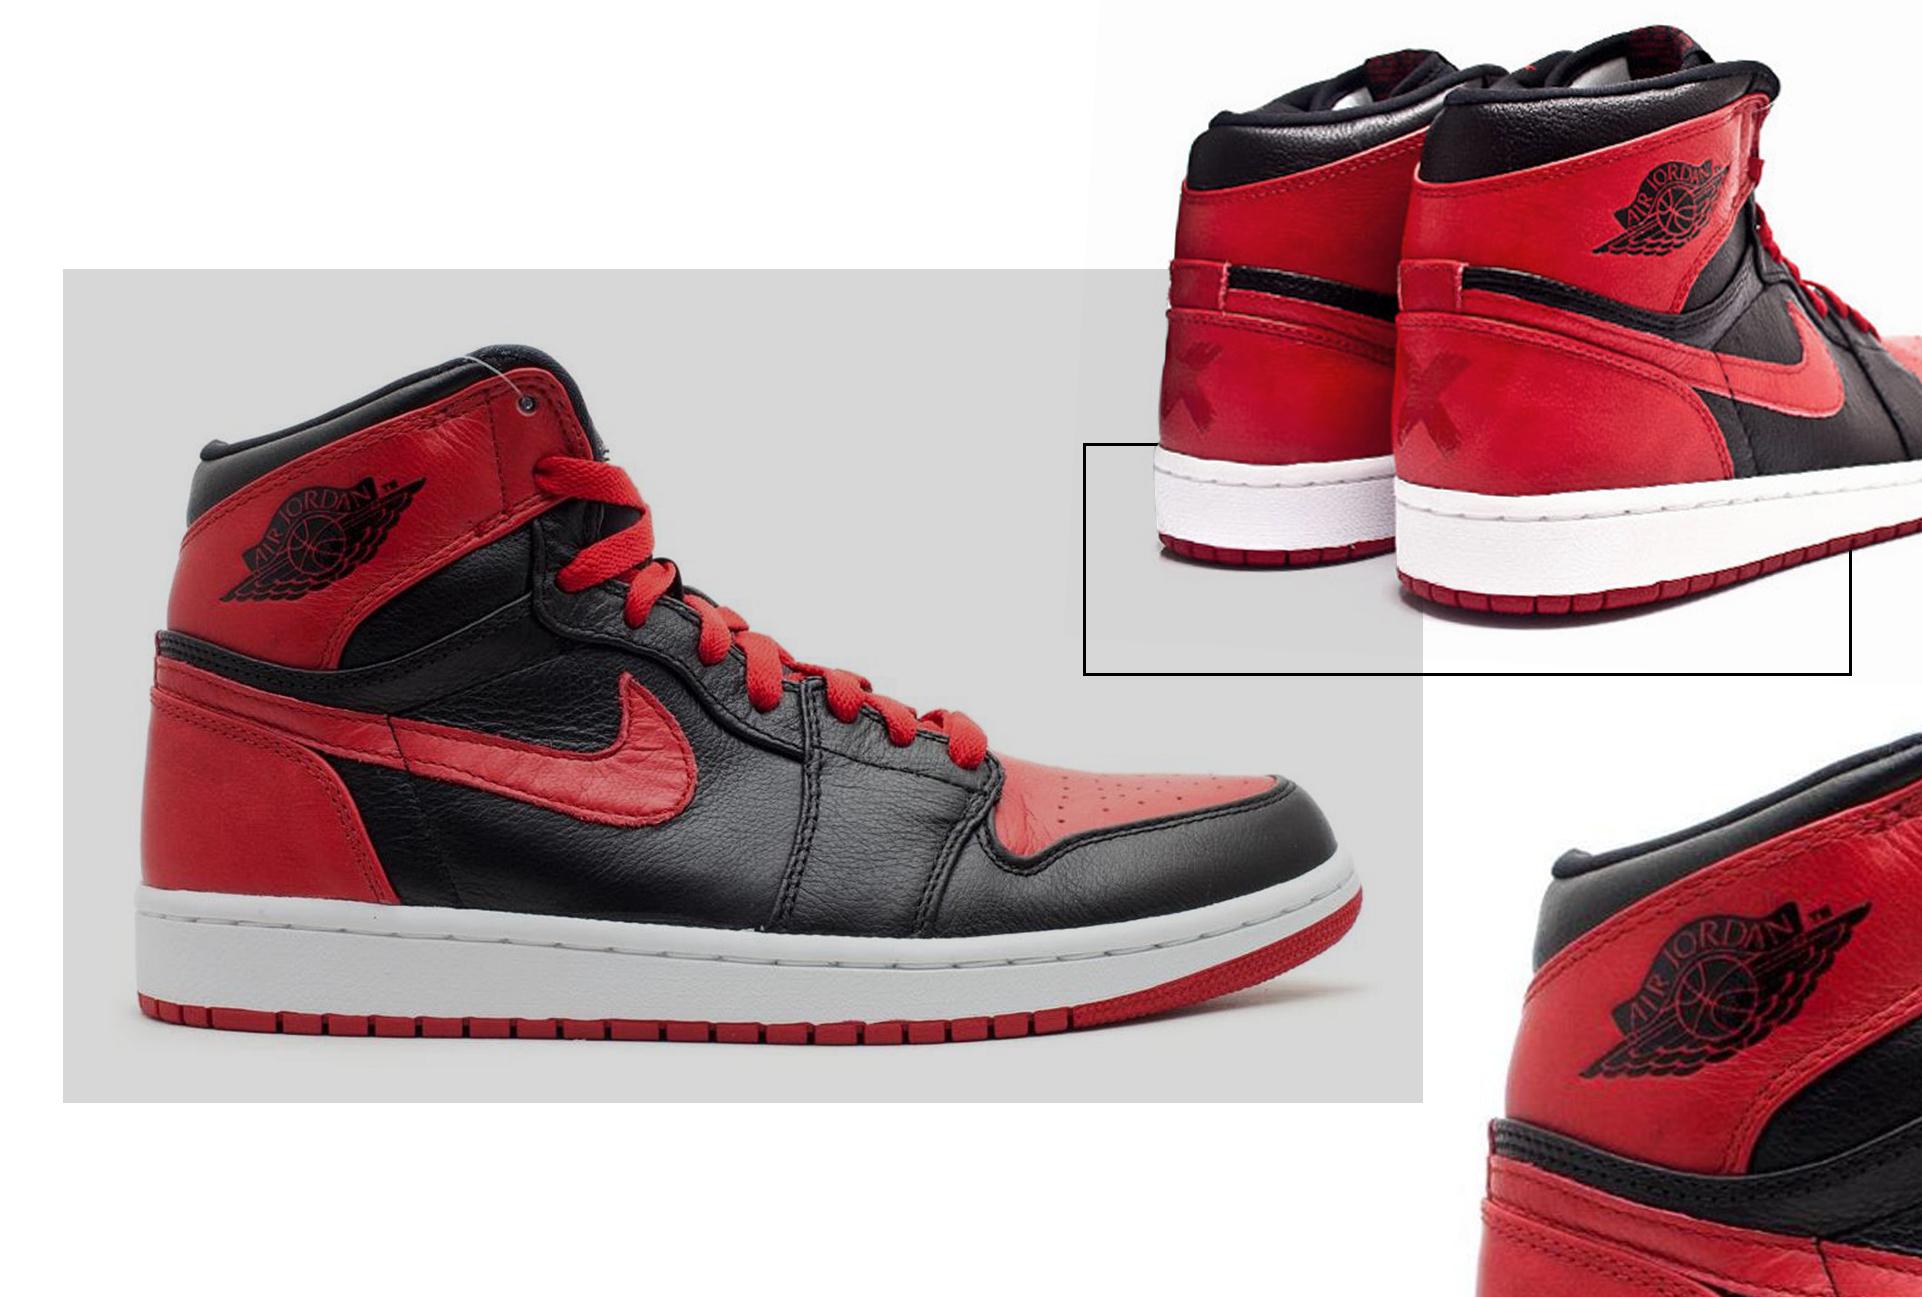 运动鞋, StockX, Jordan 1s, Jordan